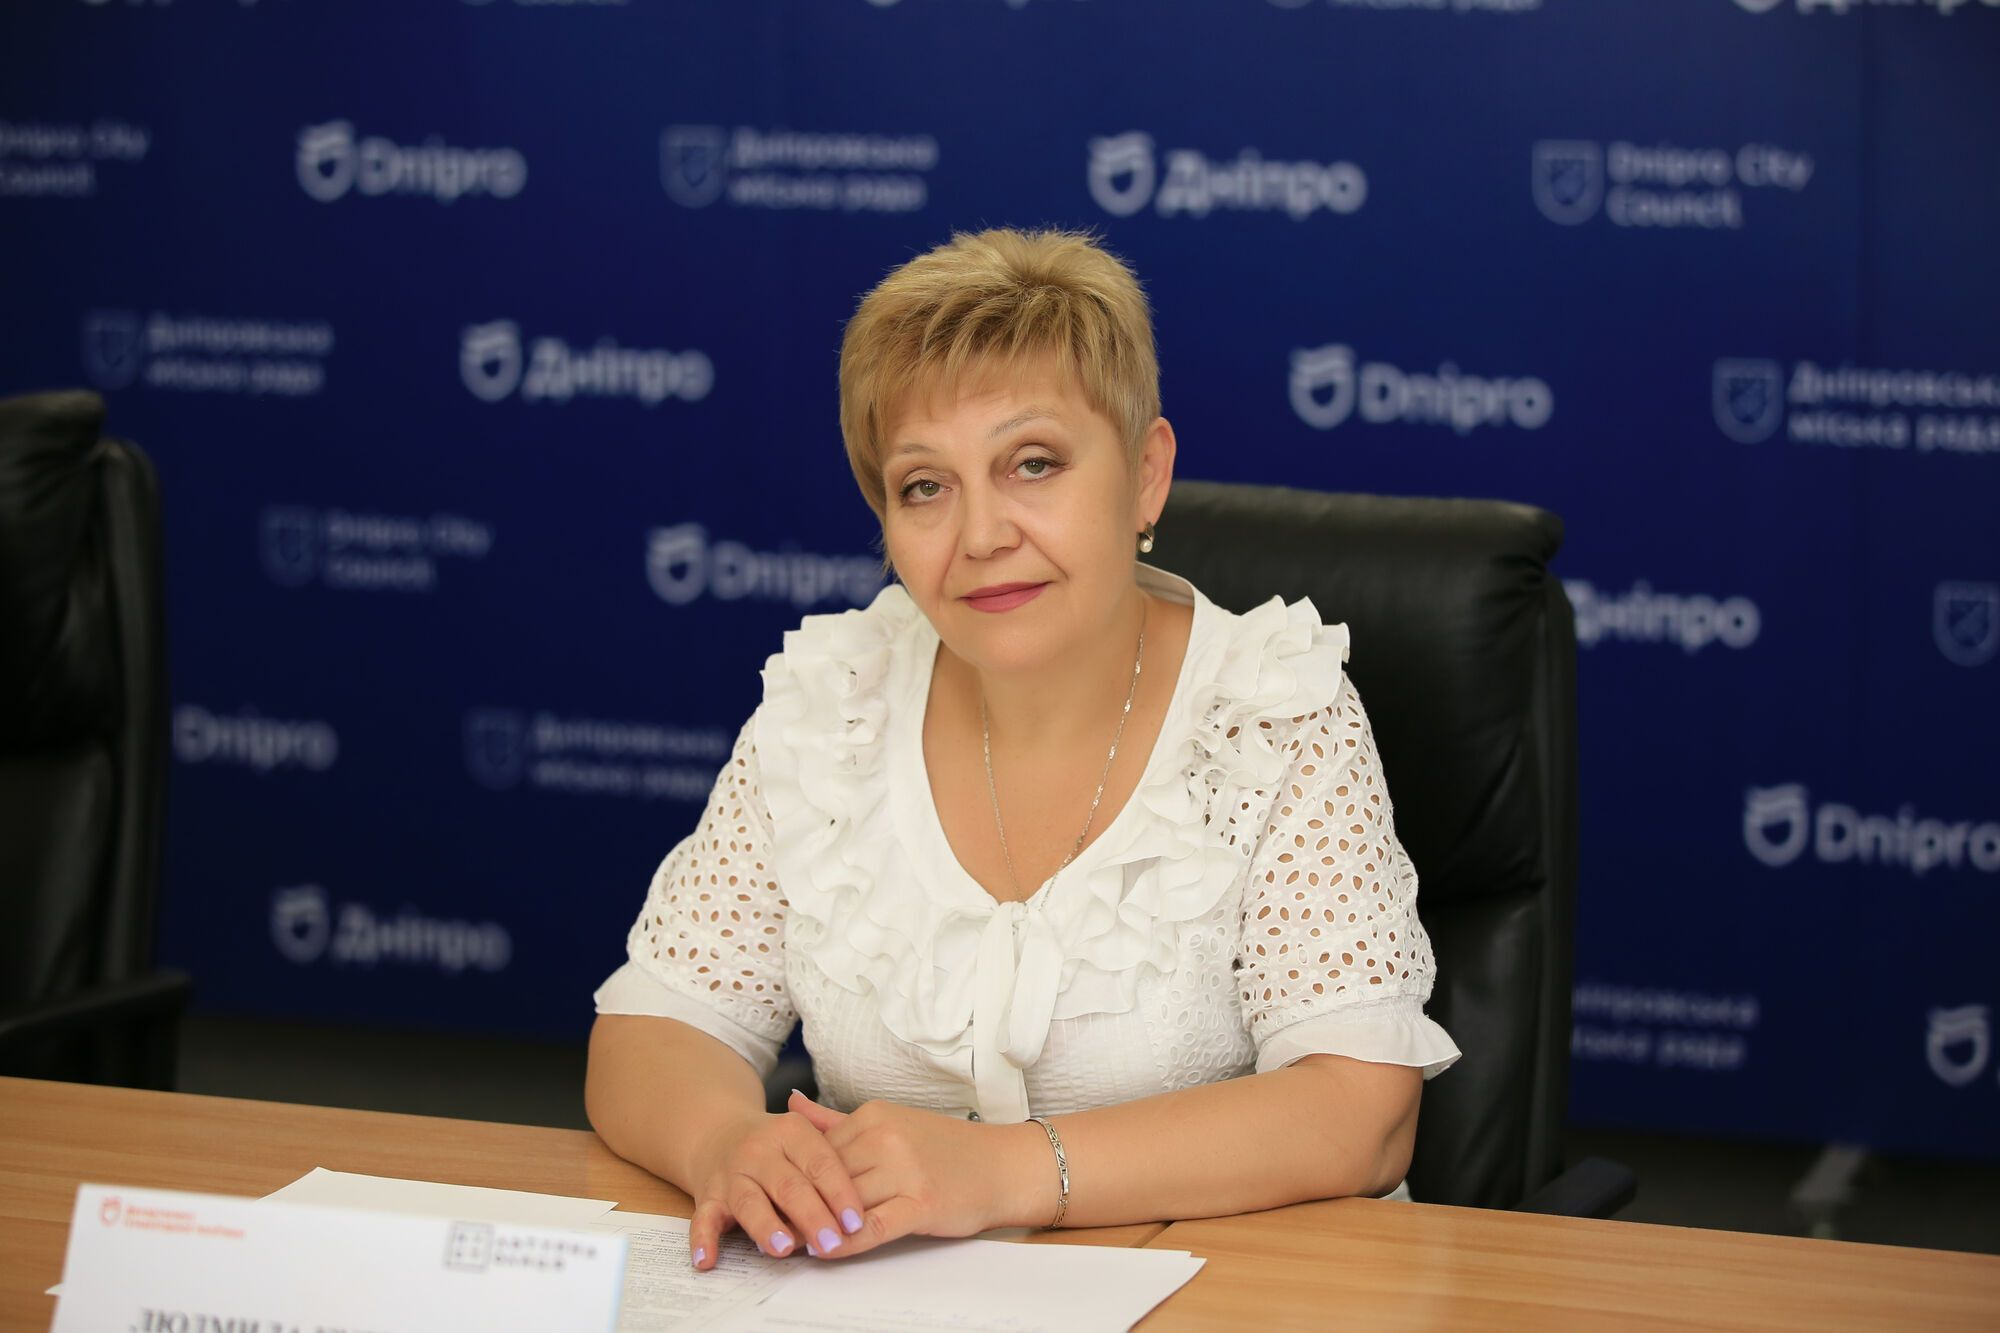 Заместитель начальника управления культуры департамента гуманитарной политики Днепровского городского совета Людмила Кудряшова